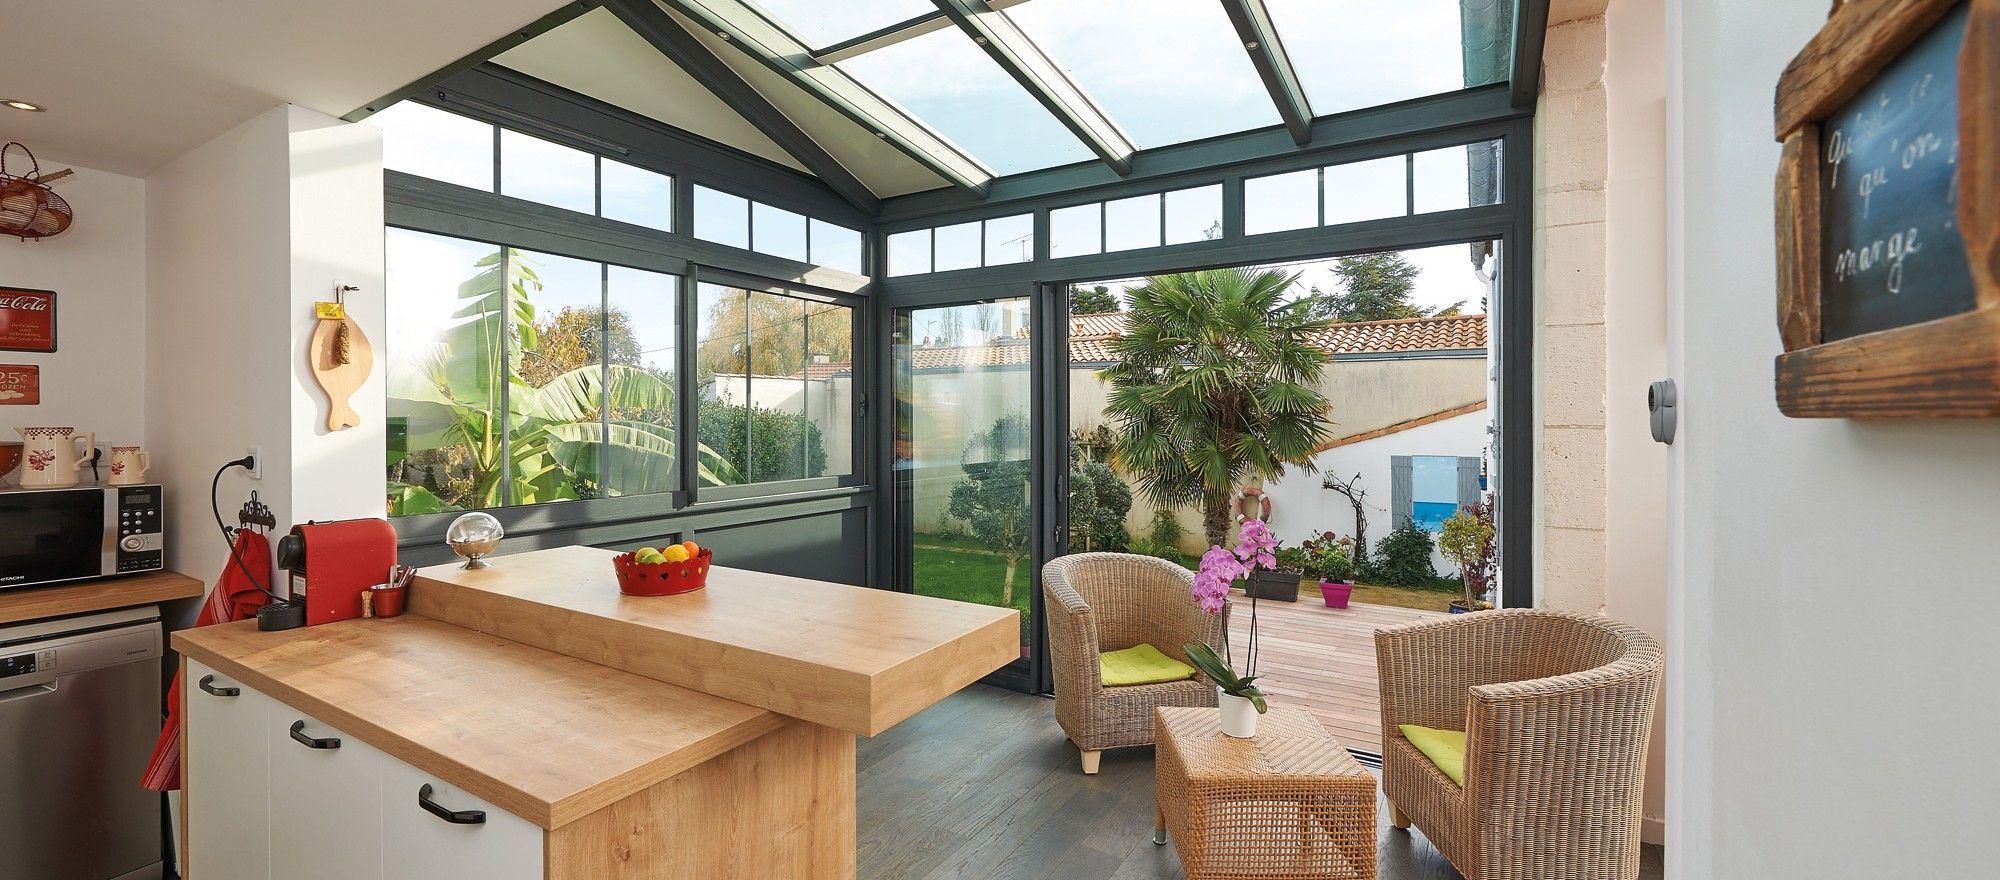 Célèbre Véranda Fillonneau en extension de cuisine | Vérandas style  RW45